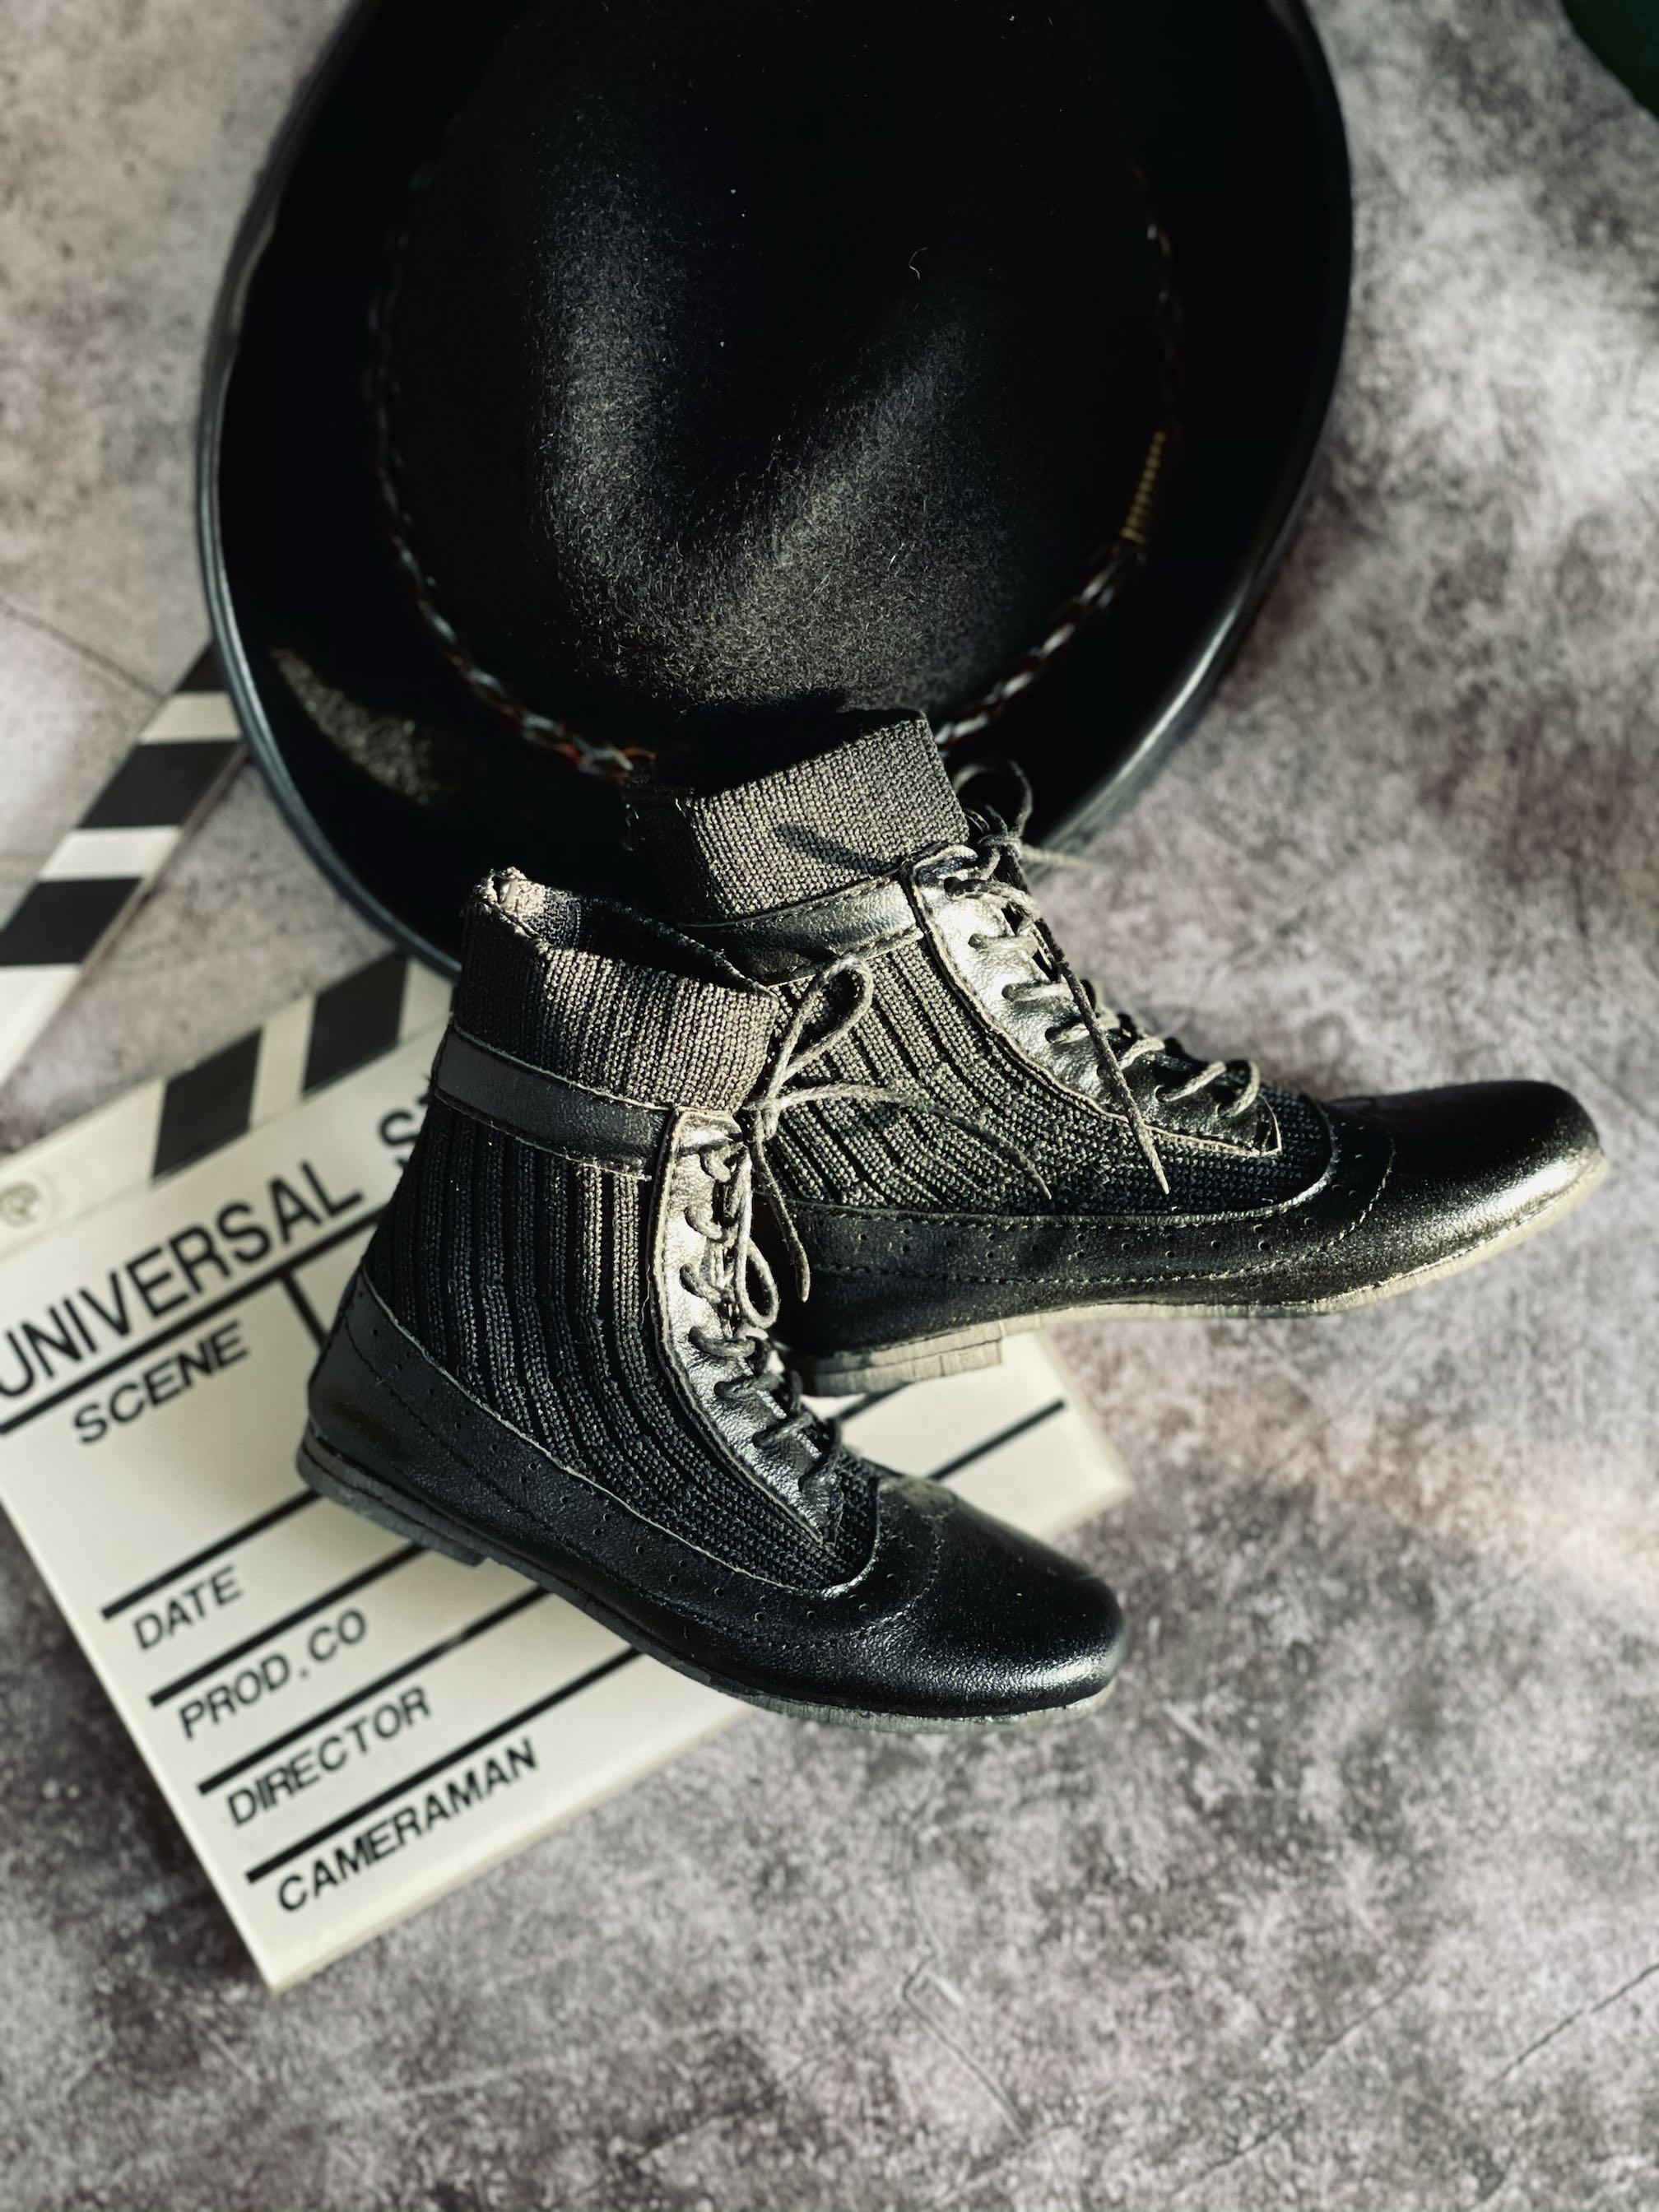 落叔家bjd娃用鞋子袜子短靴3分及叔叔尺寸软皮靴子贴合脚型